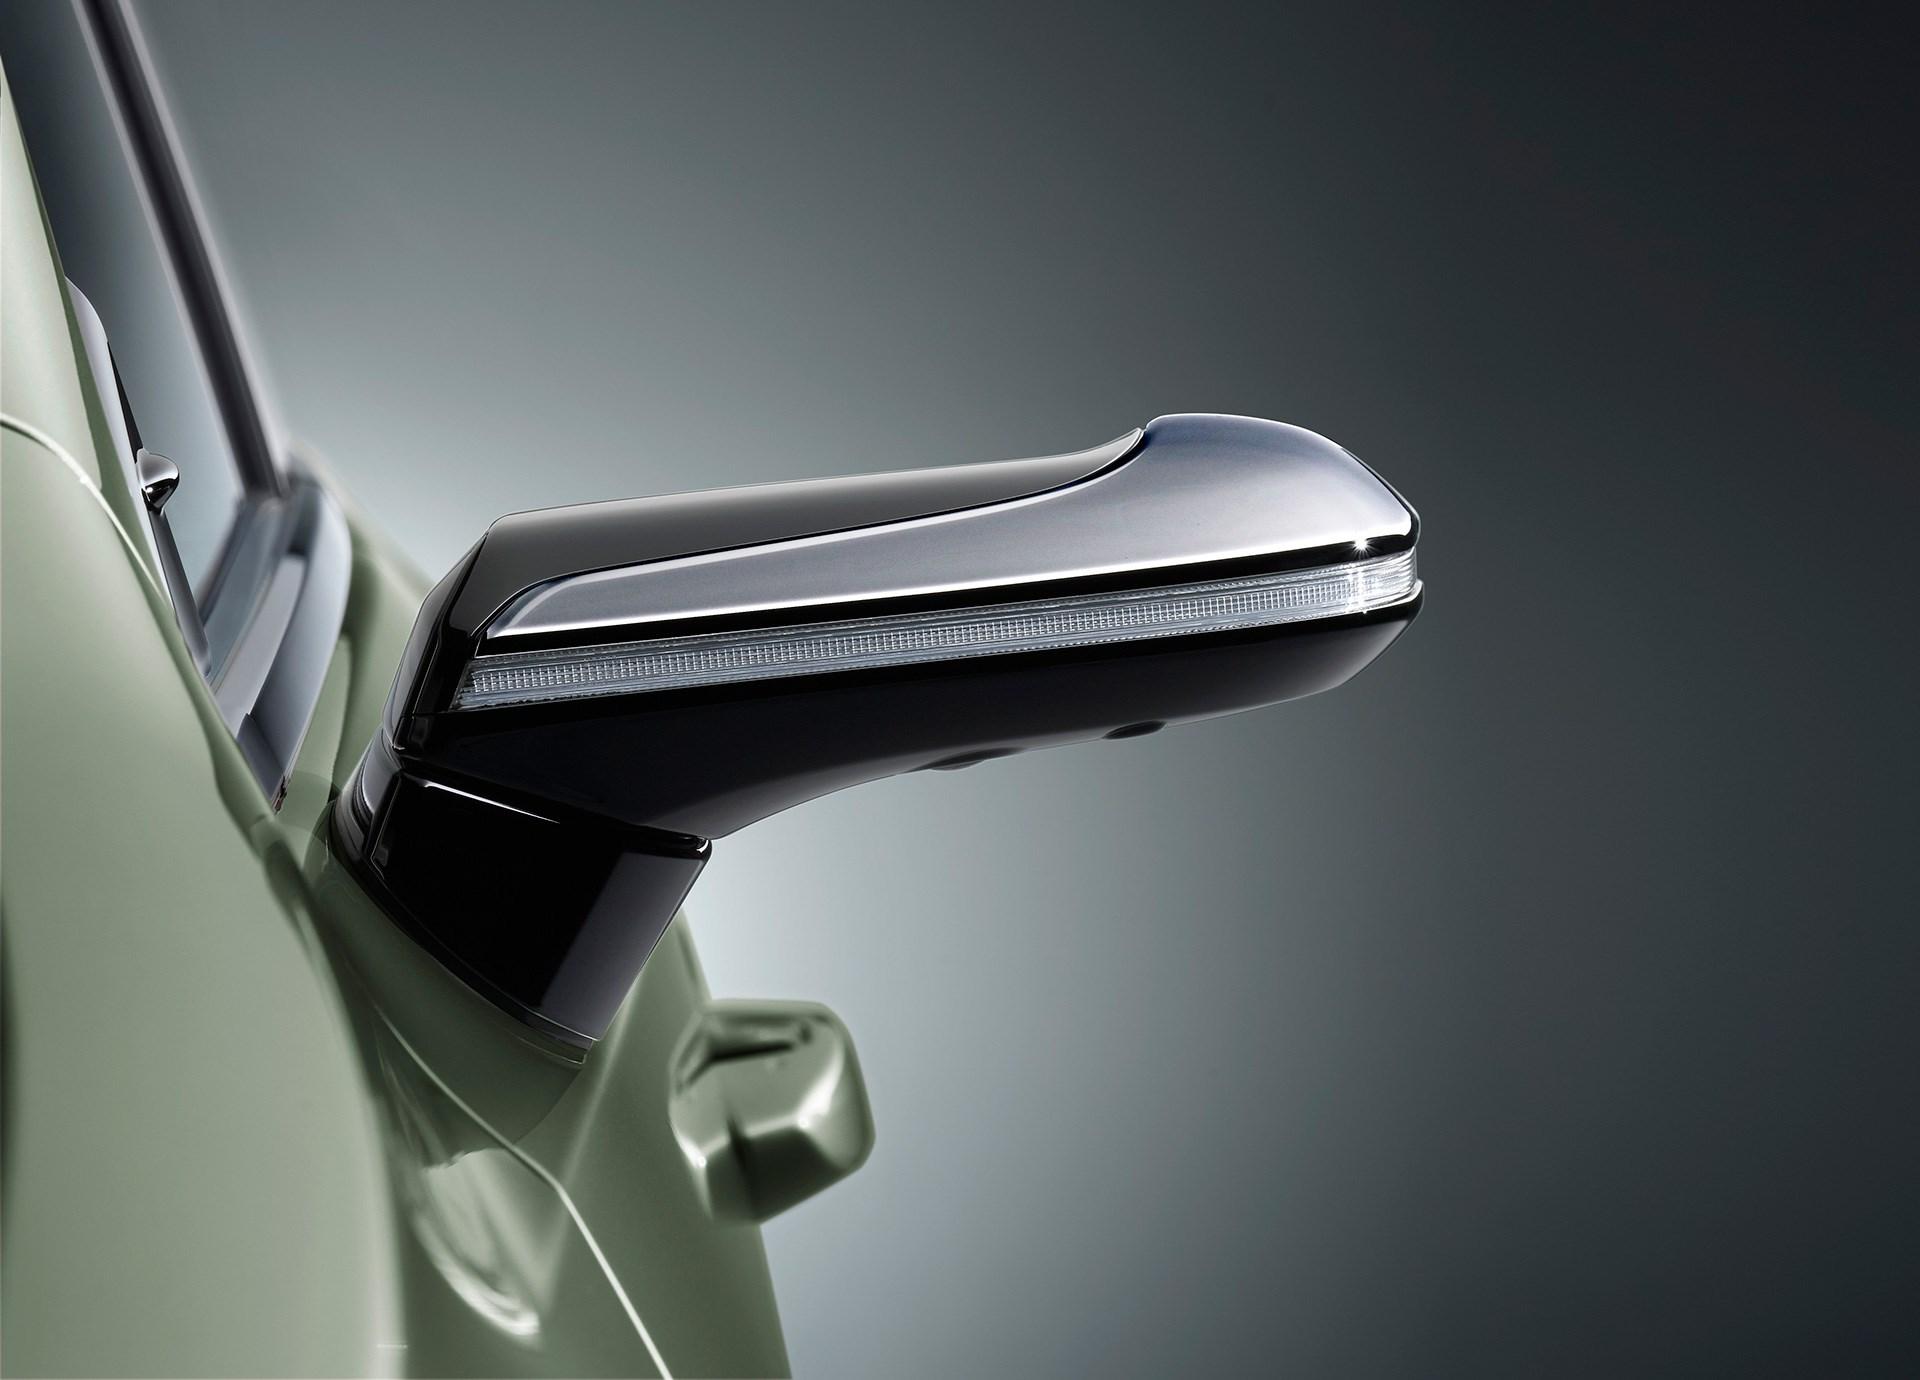 メルセデスとトヨタから登場したミラーレス自動車、名称の統一を望みたい